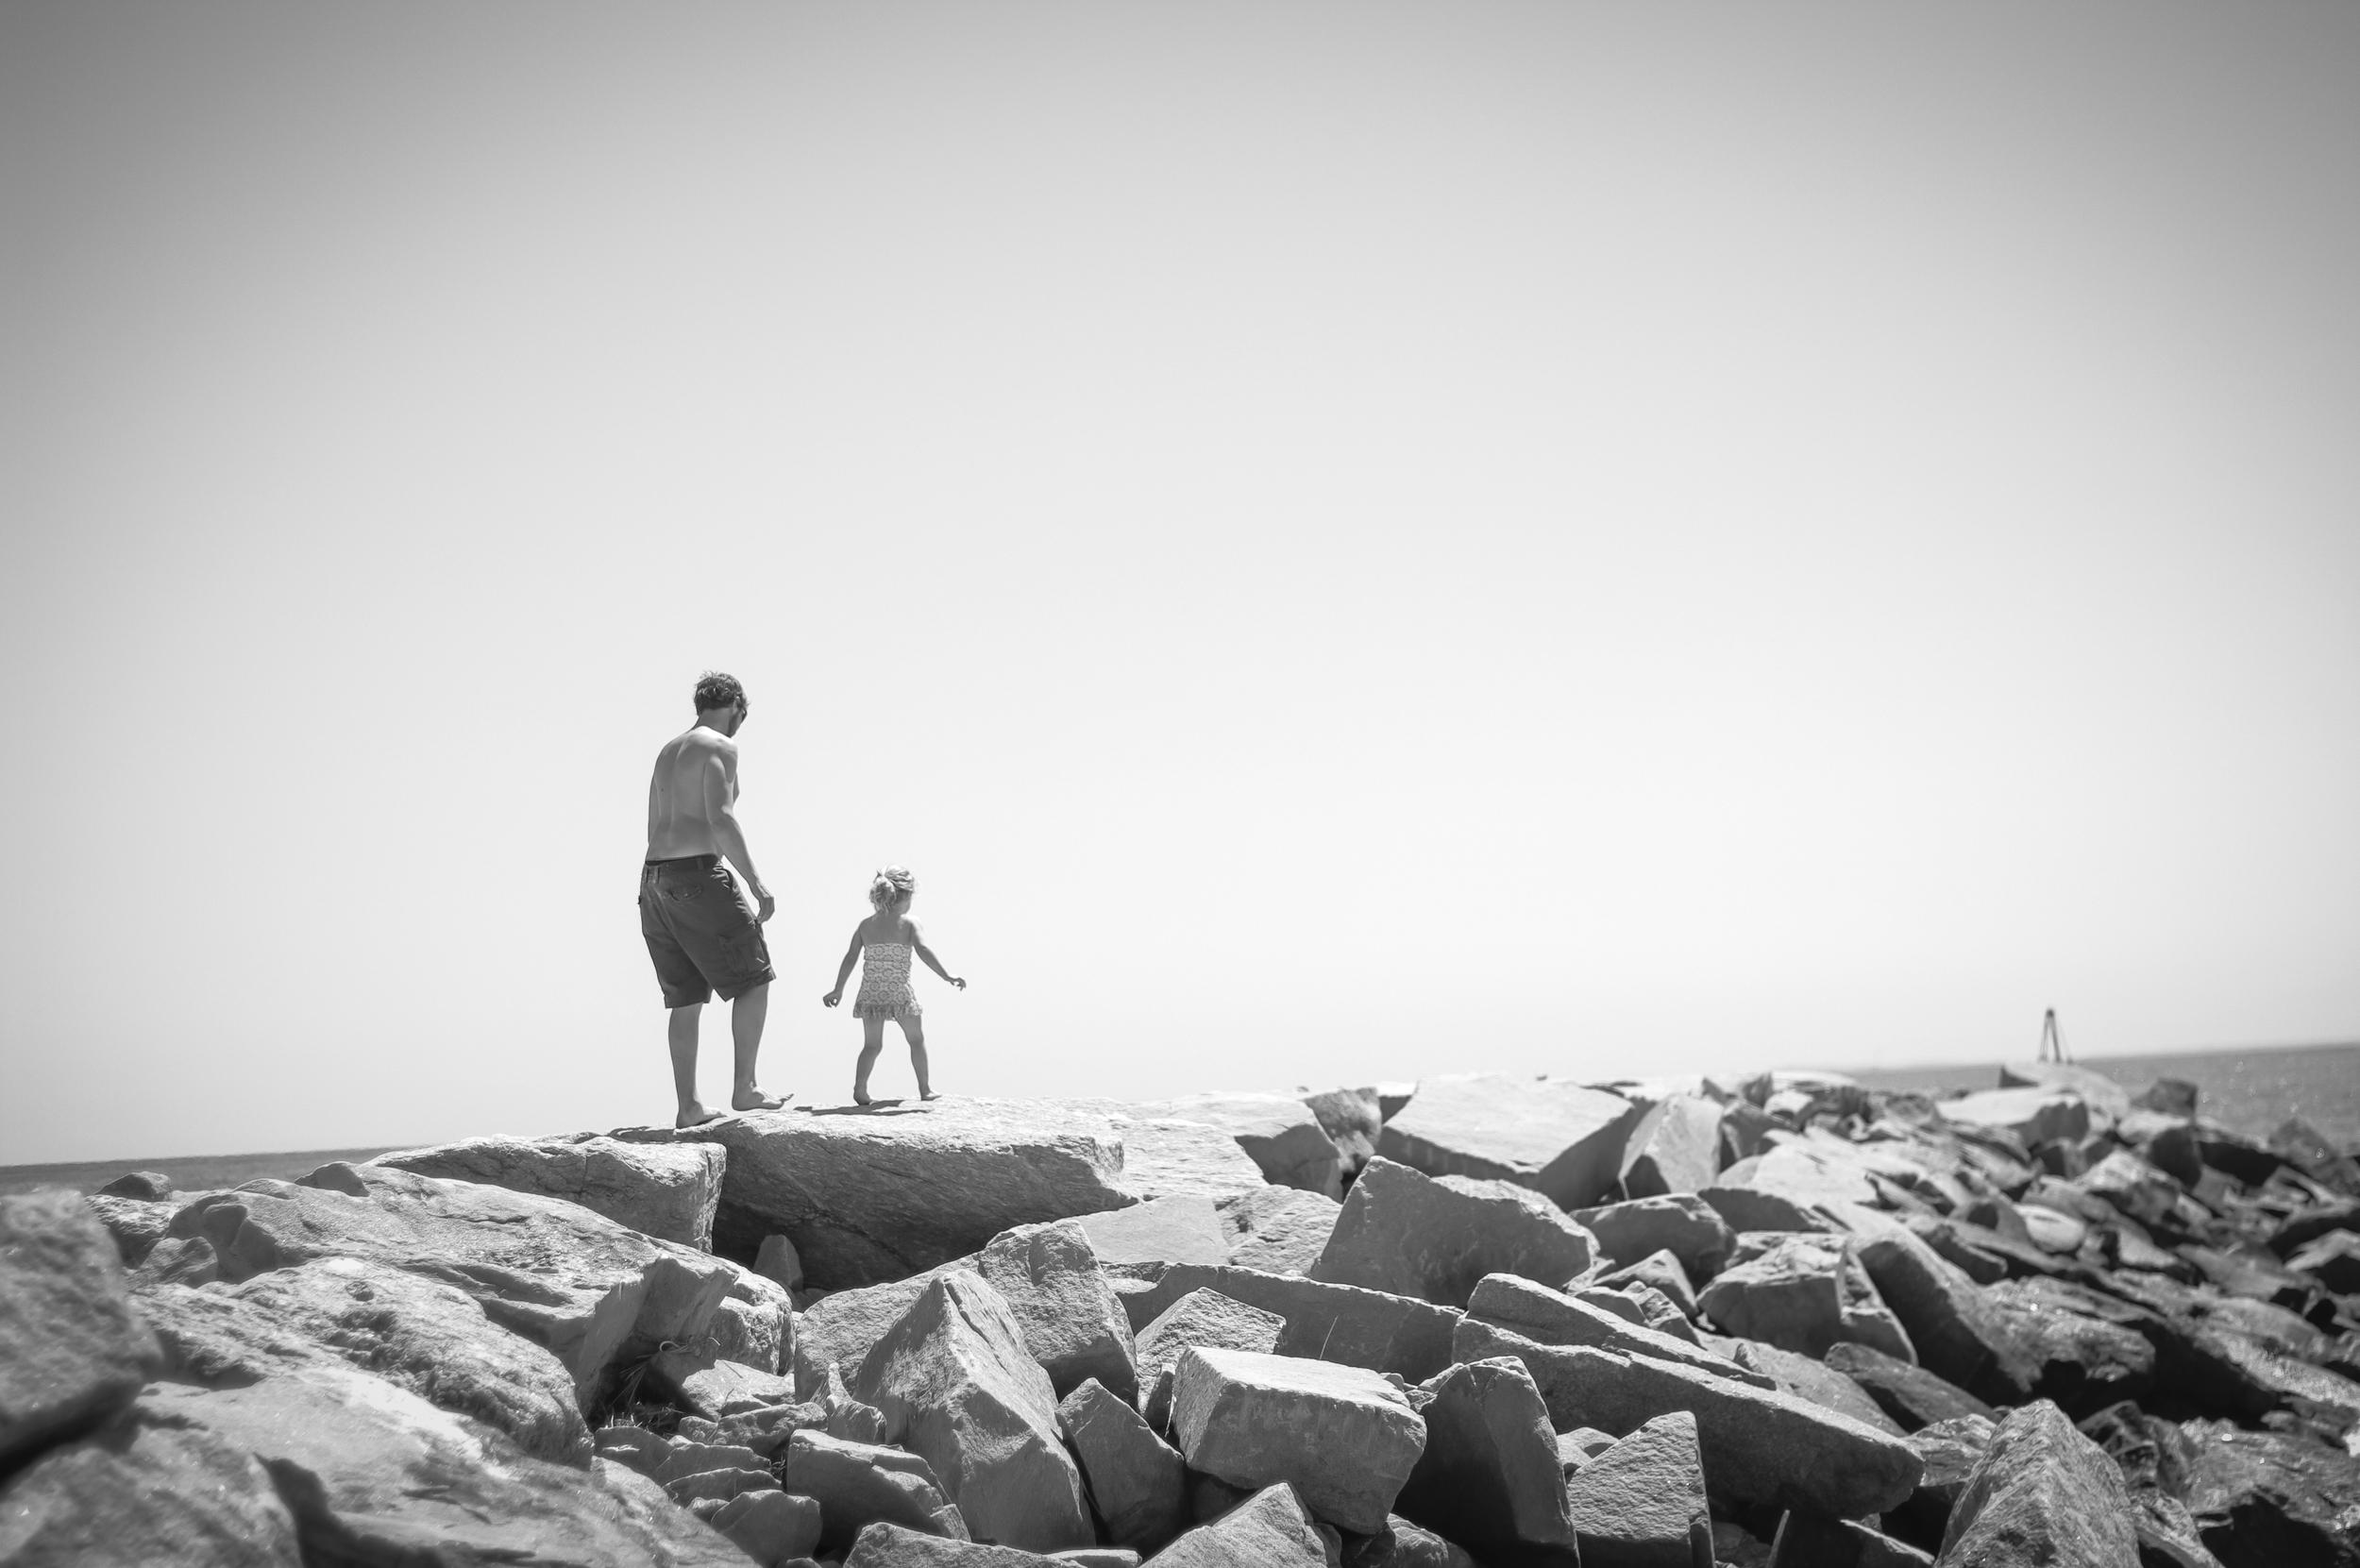 beachday-300dpi-1363